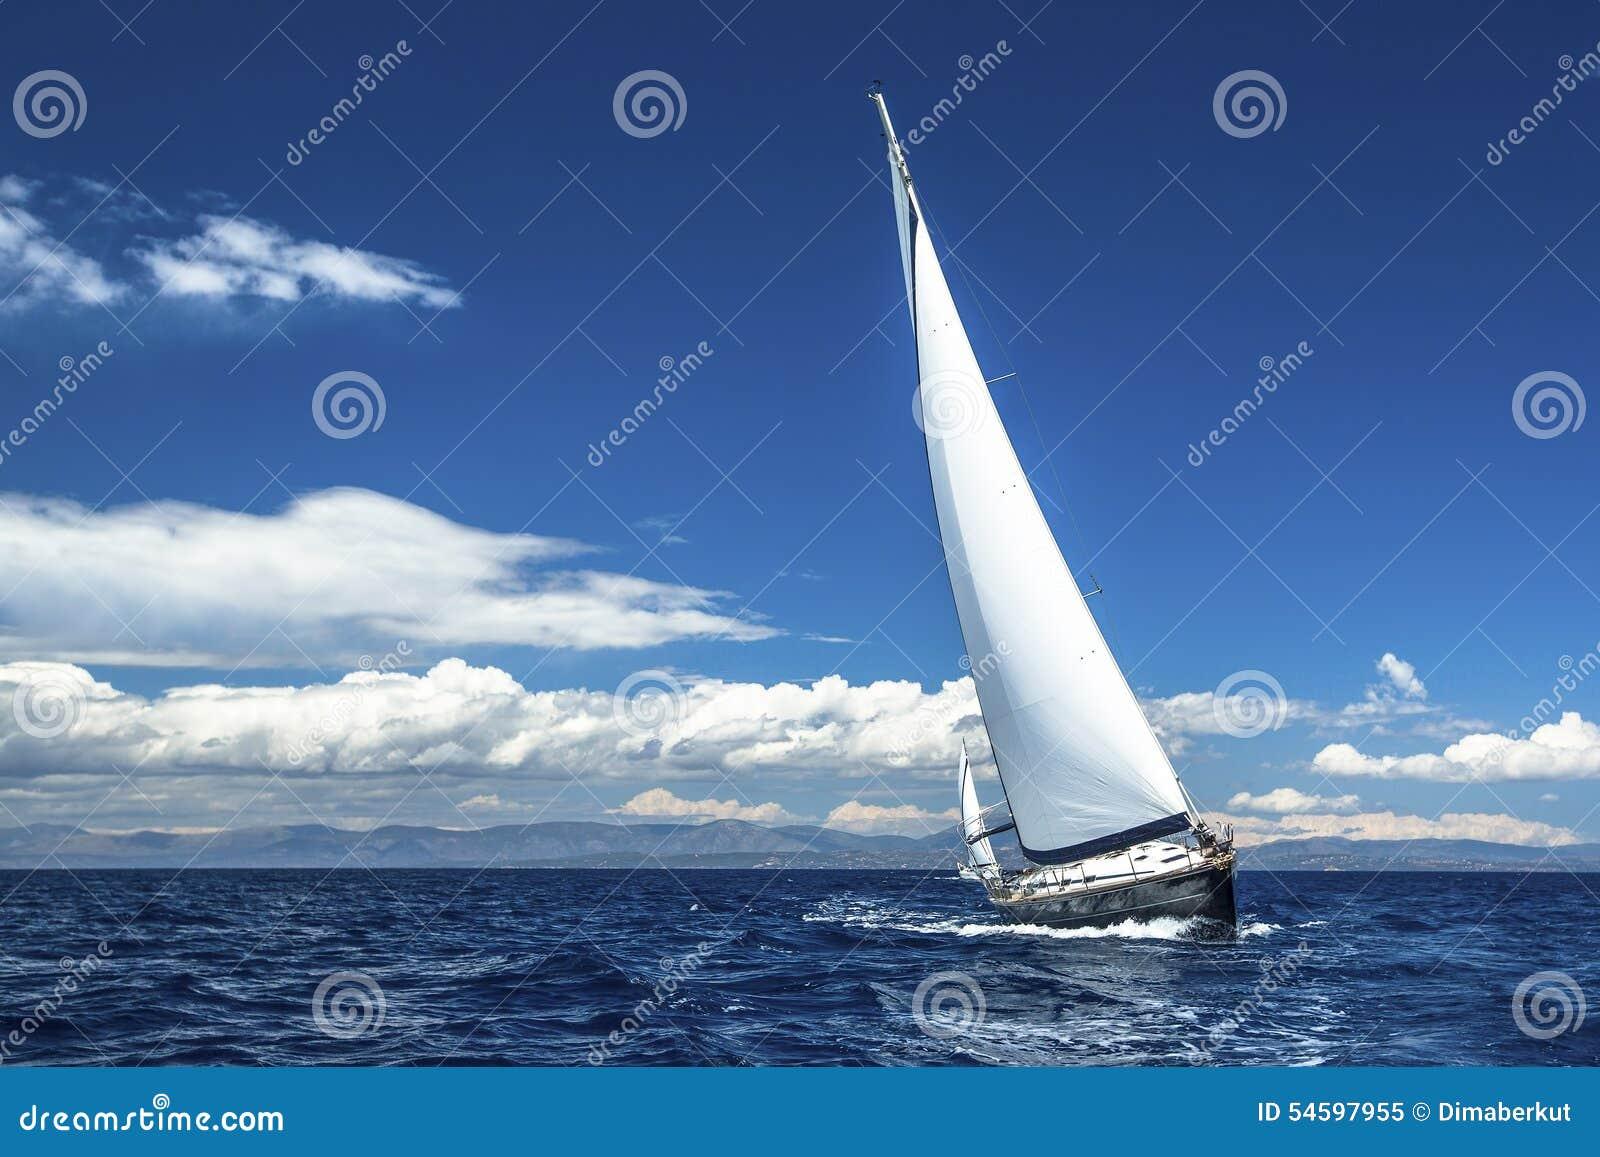 风船参加航行赛船会 豪华游艇行在小游艇船坞船坞的